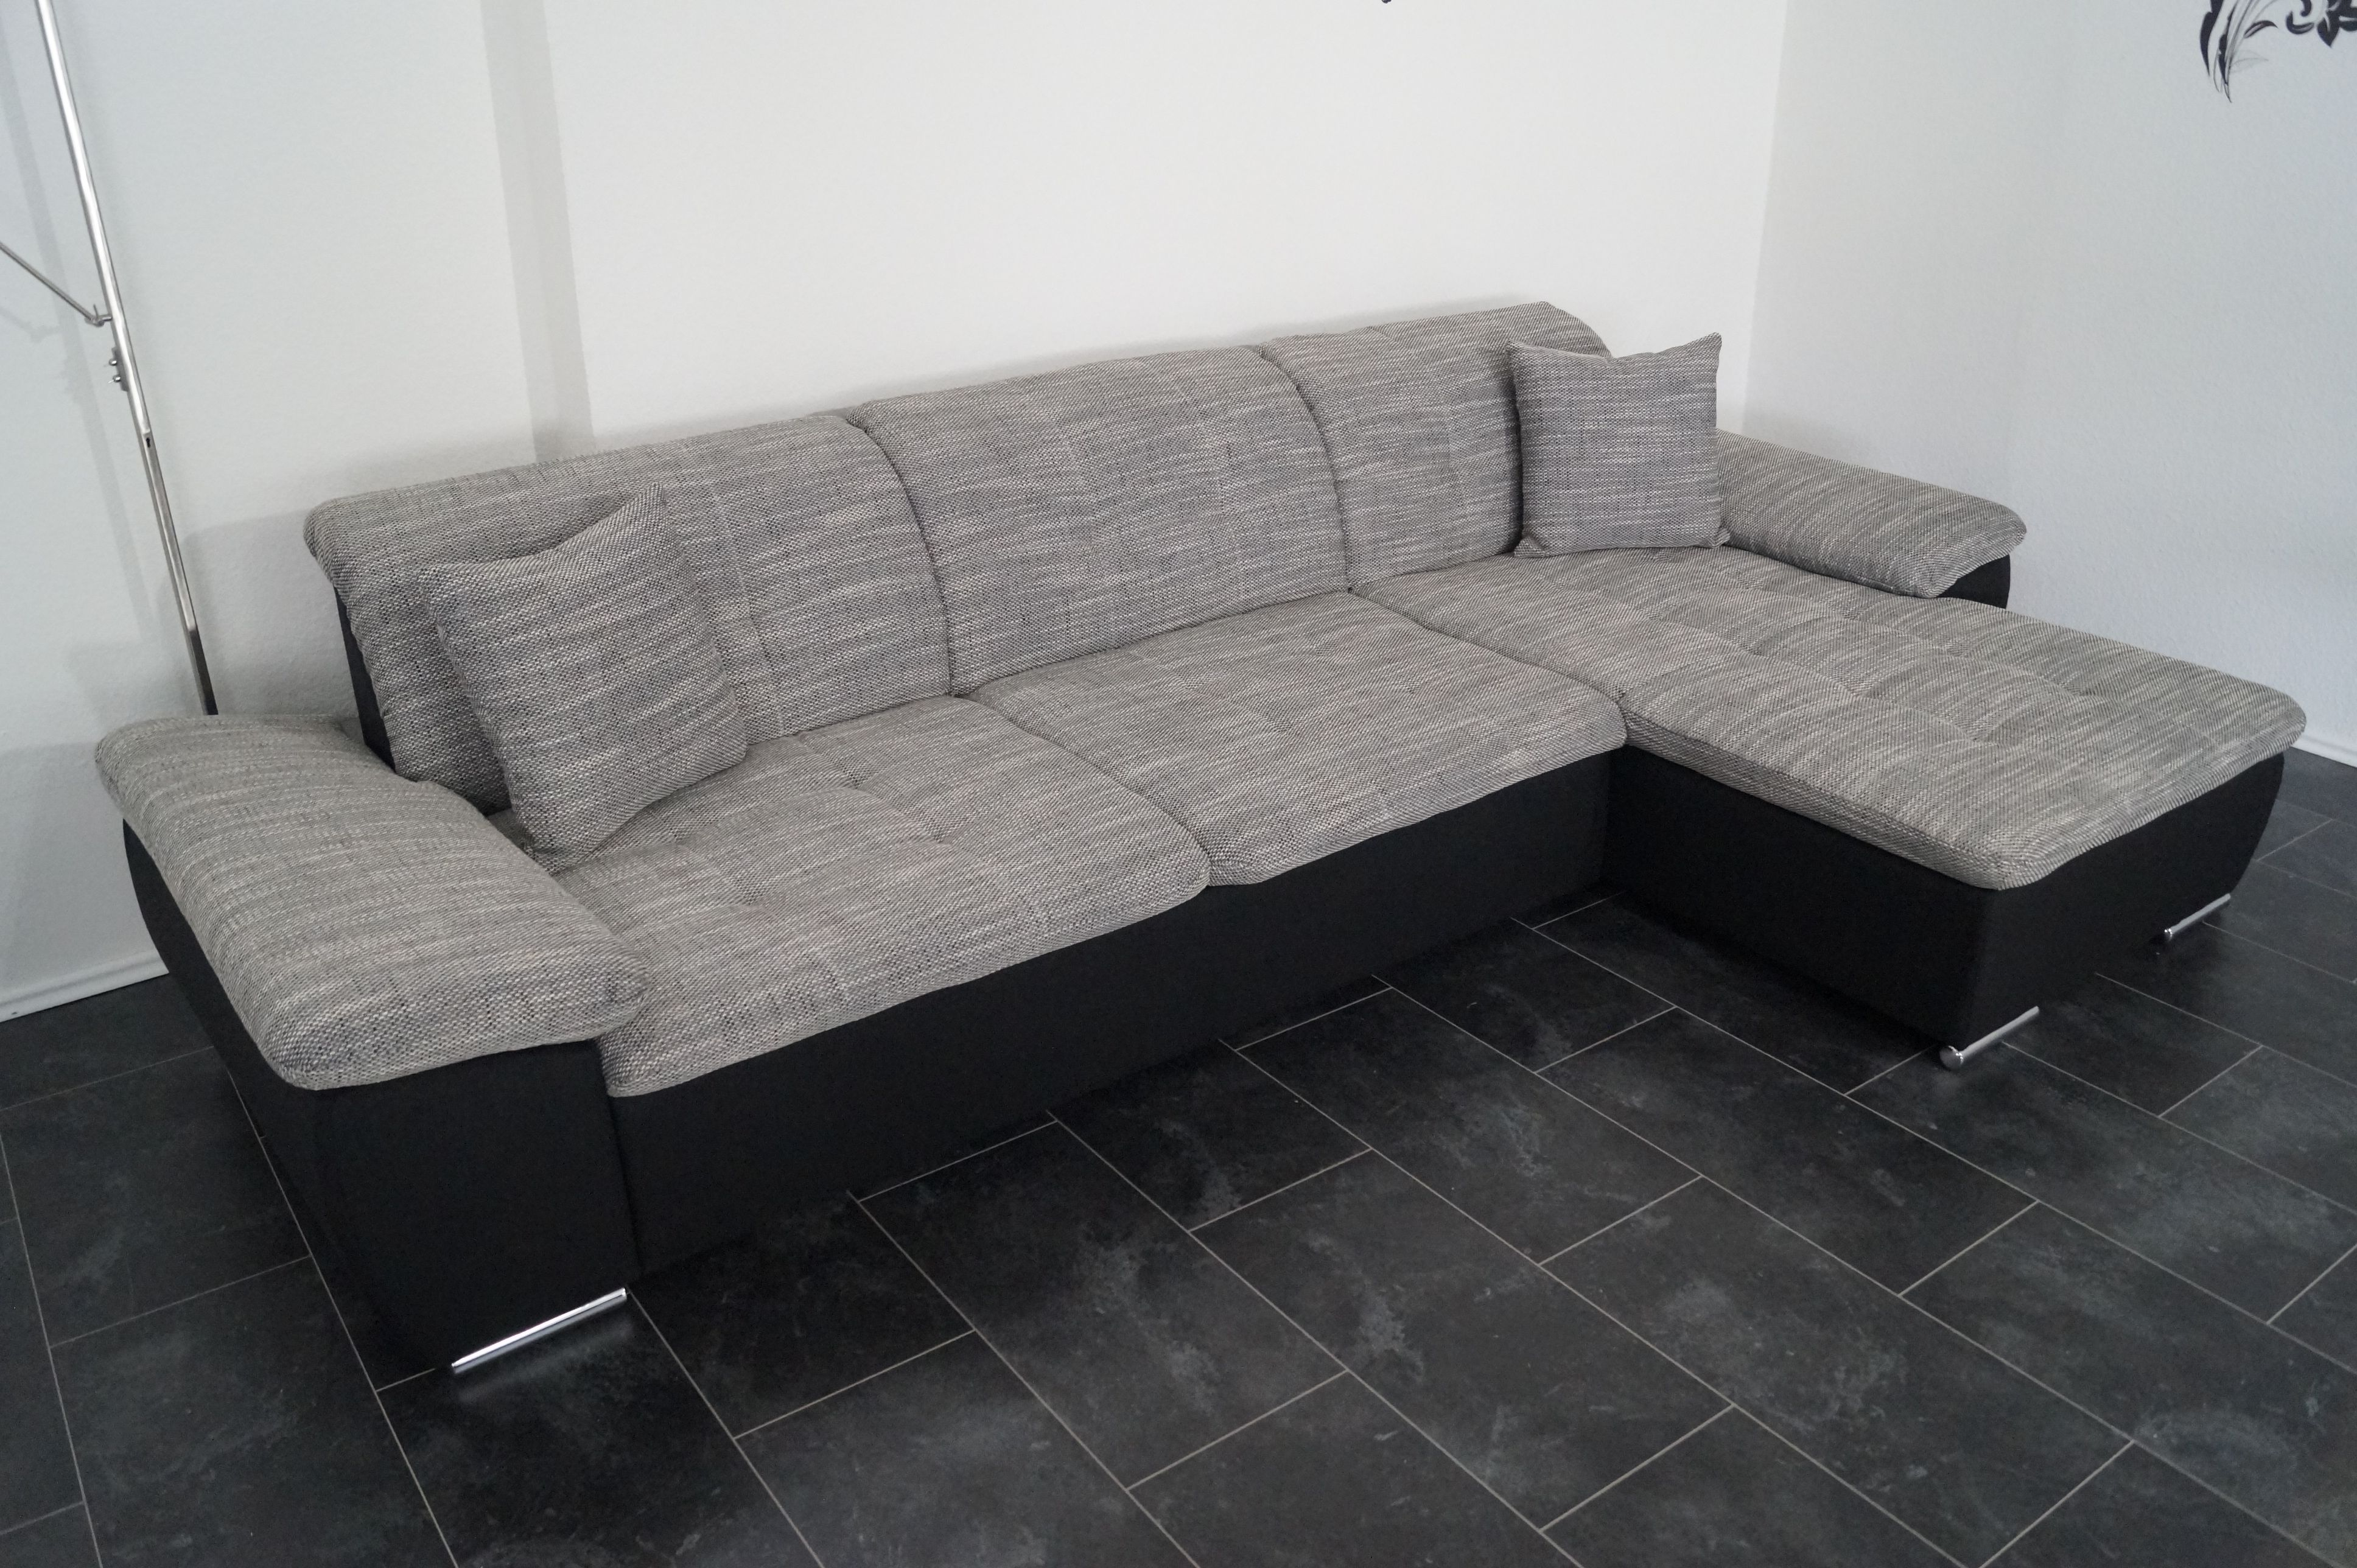 Www.sofa-günstig-kaufen.de Möbel SOFORT AUF LAGER !!! #Sofa #Couch ...